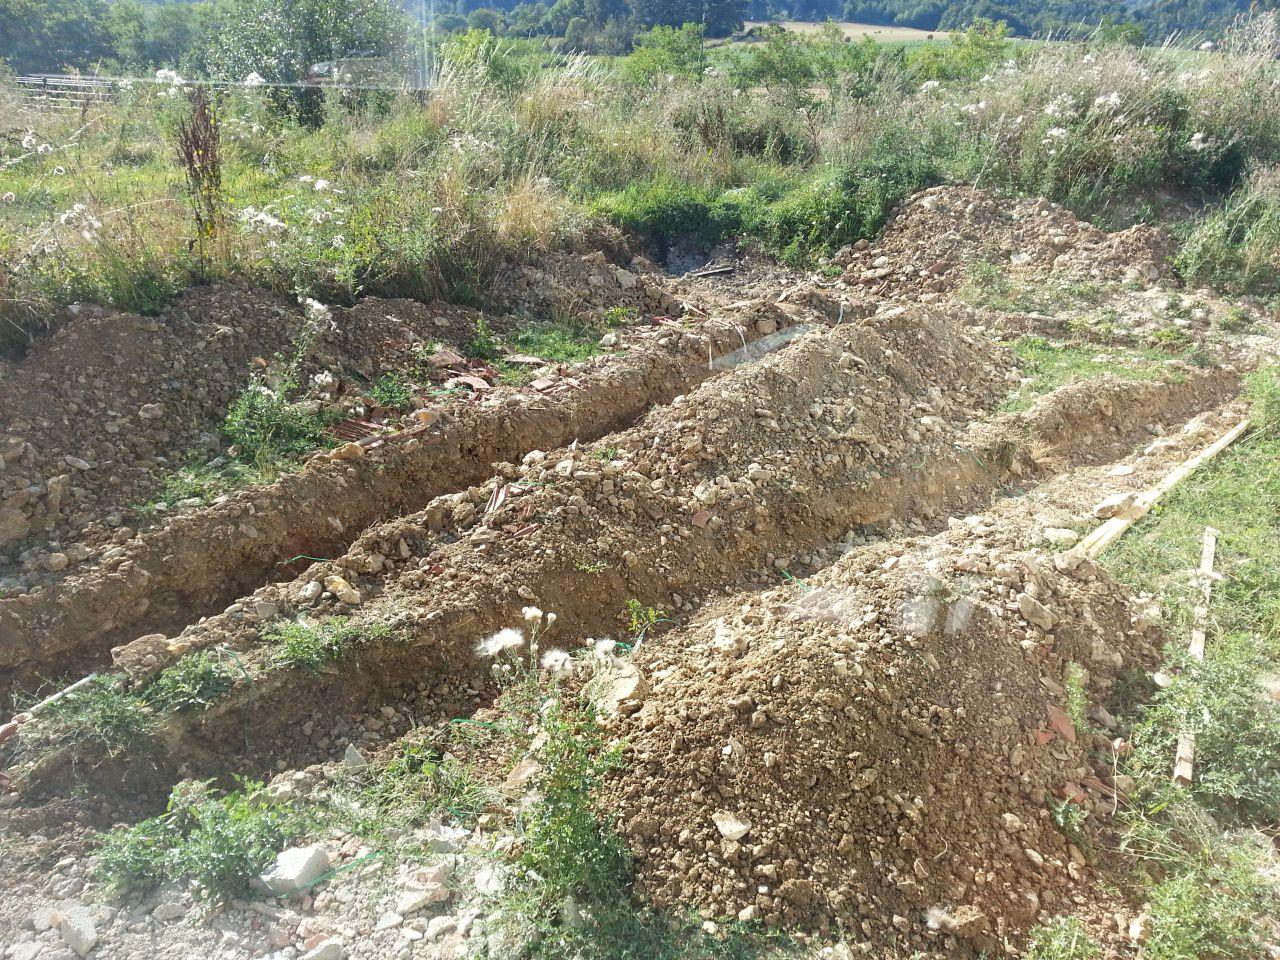 terrassement pour la terrasse et l'assainissement